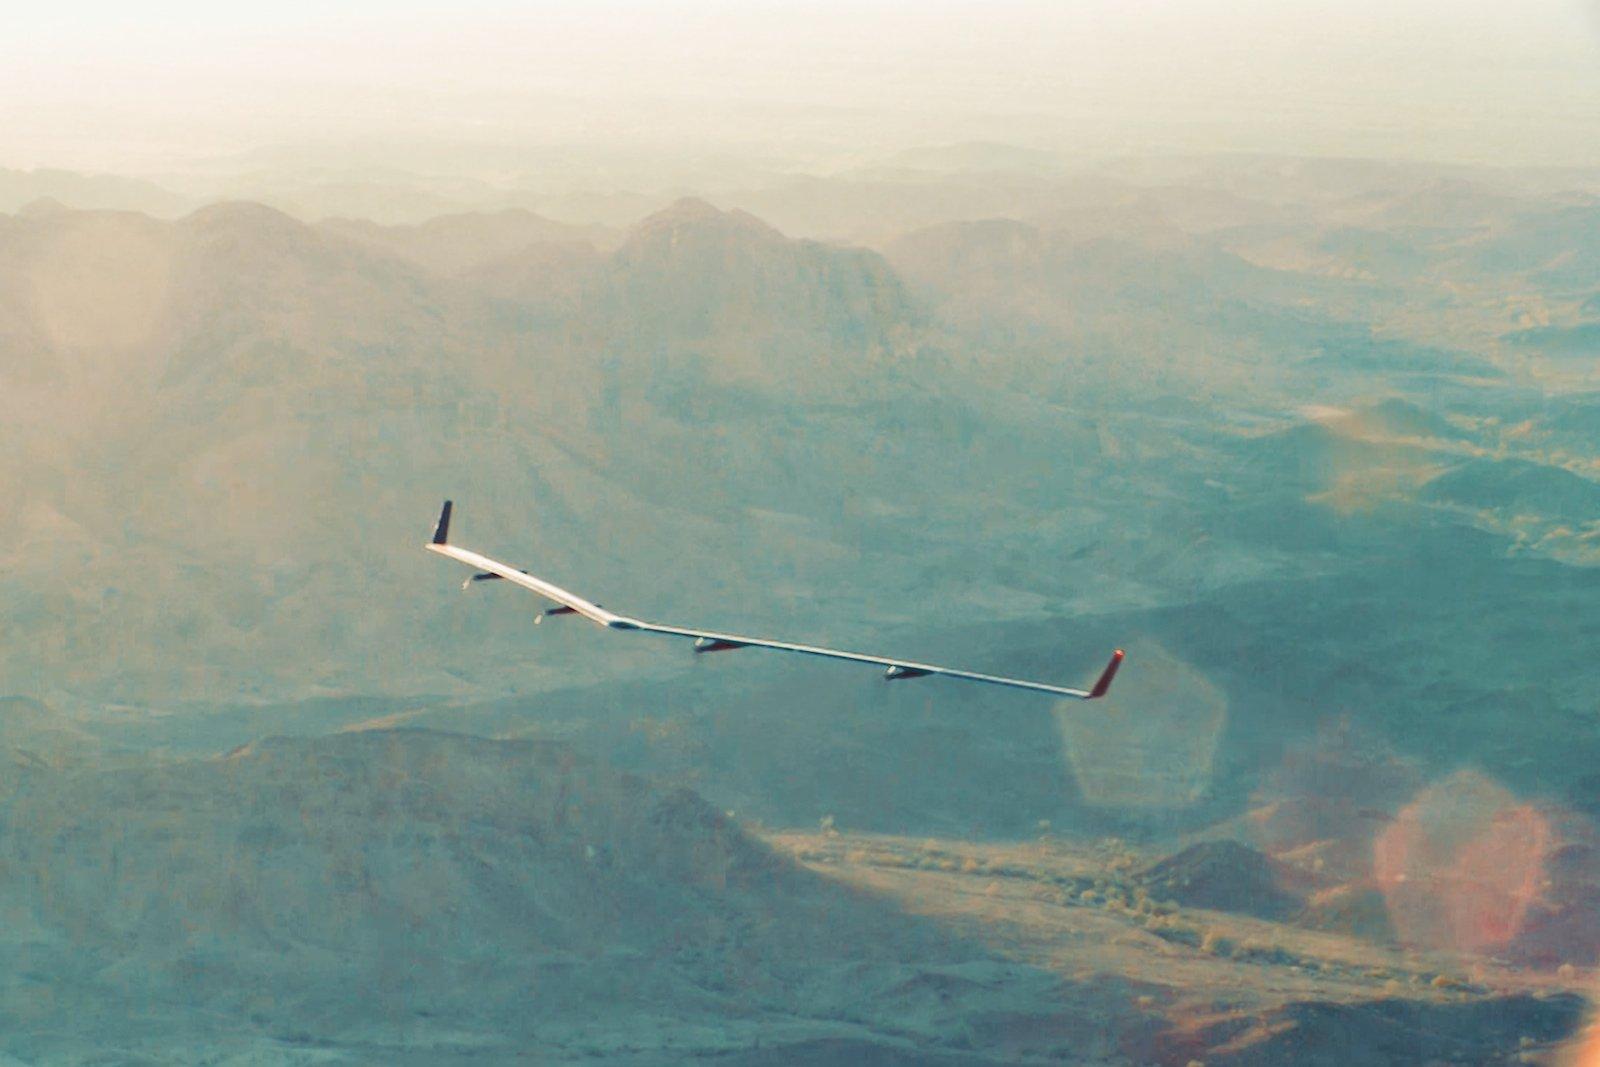 Aquila erreichte bei ihrem Testflug eine maximale Flughöhe von 650 m.